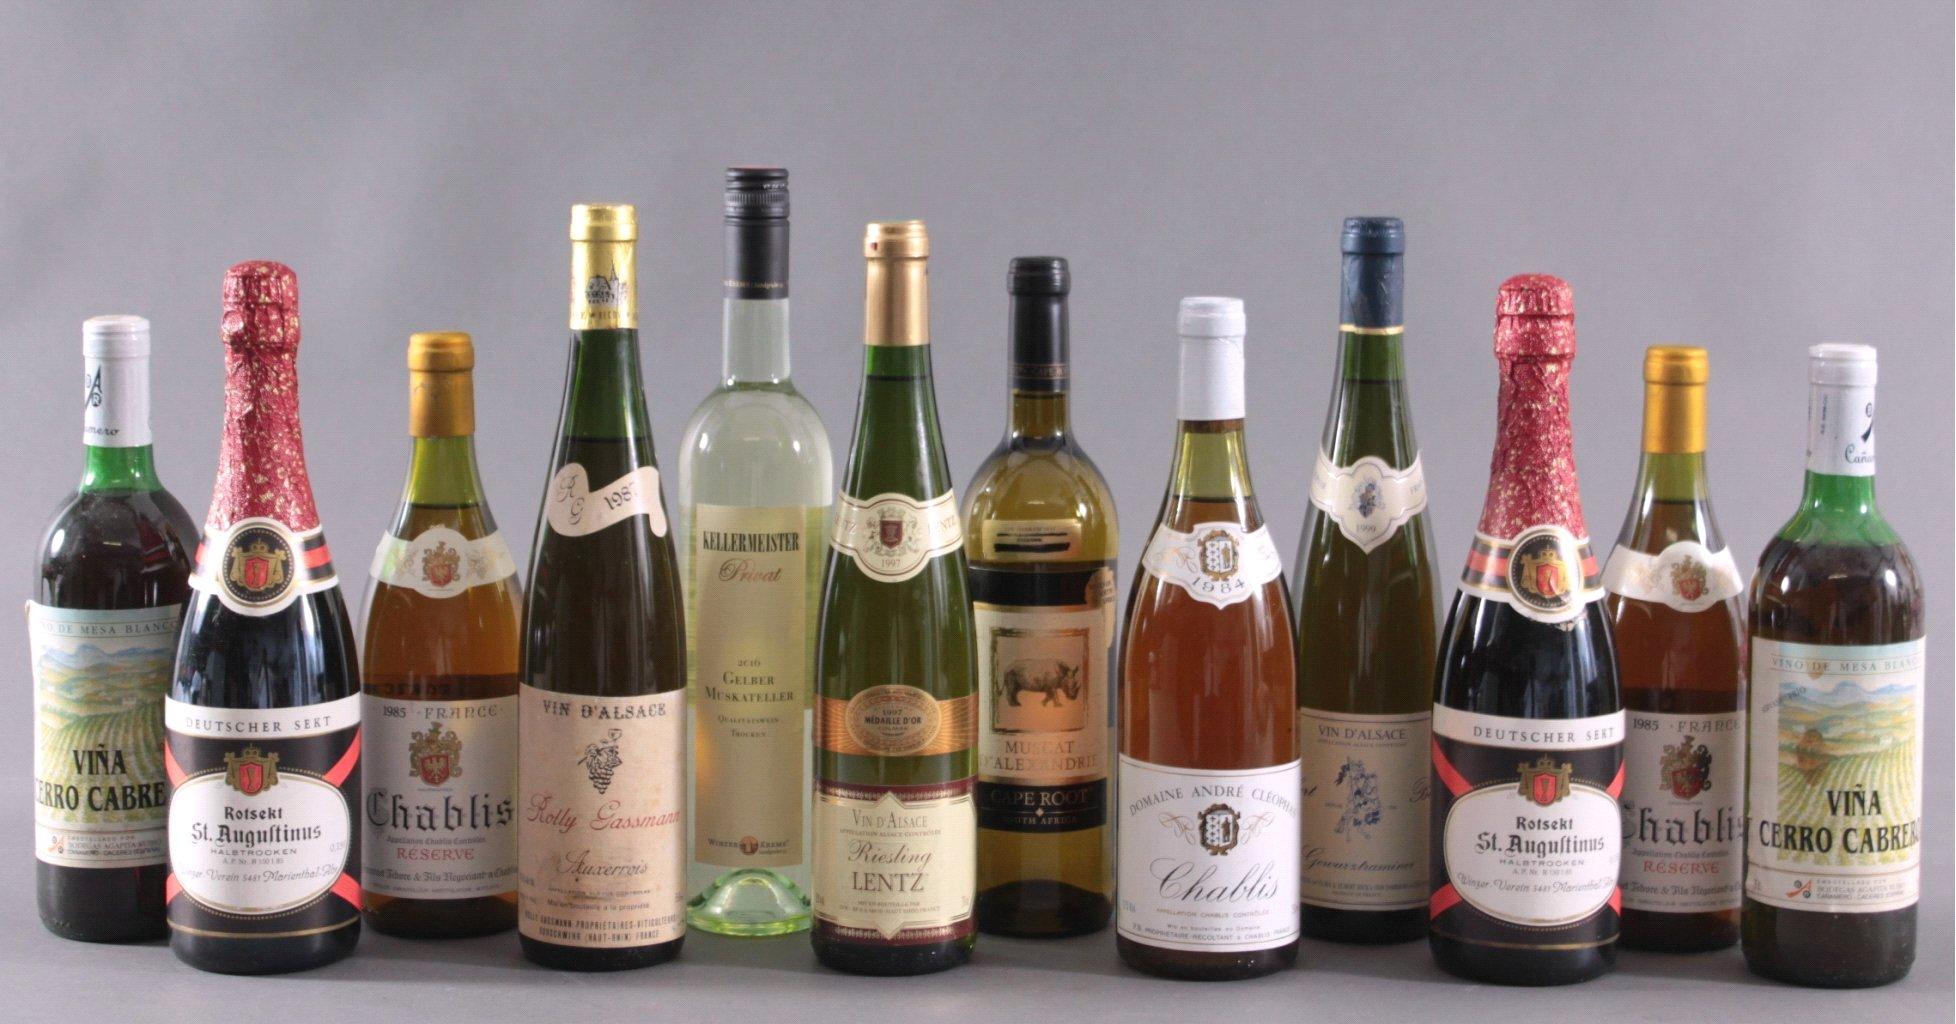 10 Flaschen Wein und 2 Flaschen Sekt